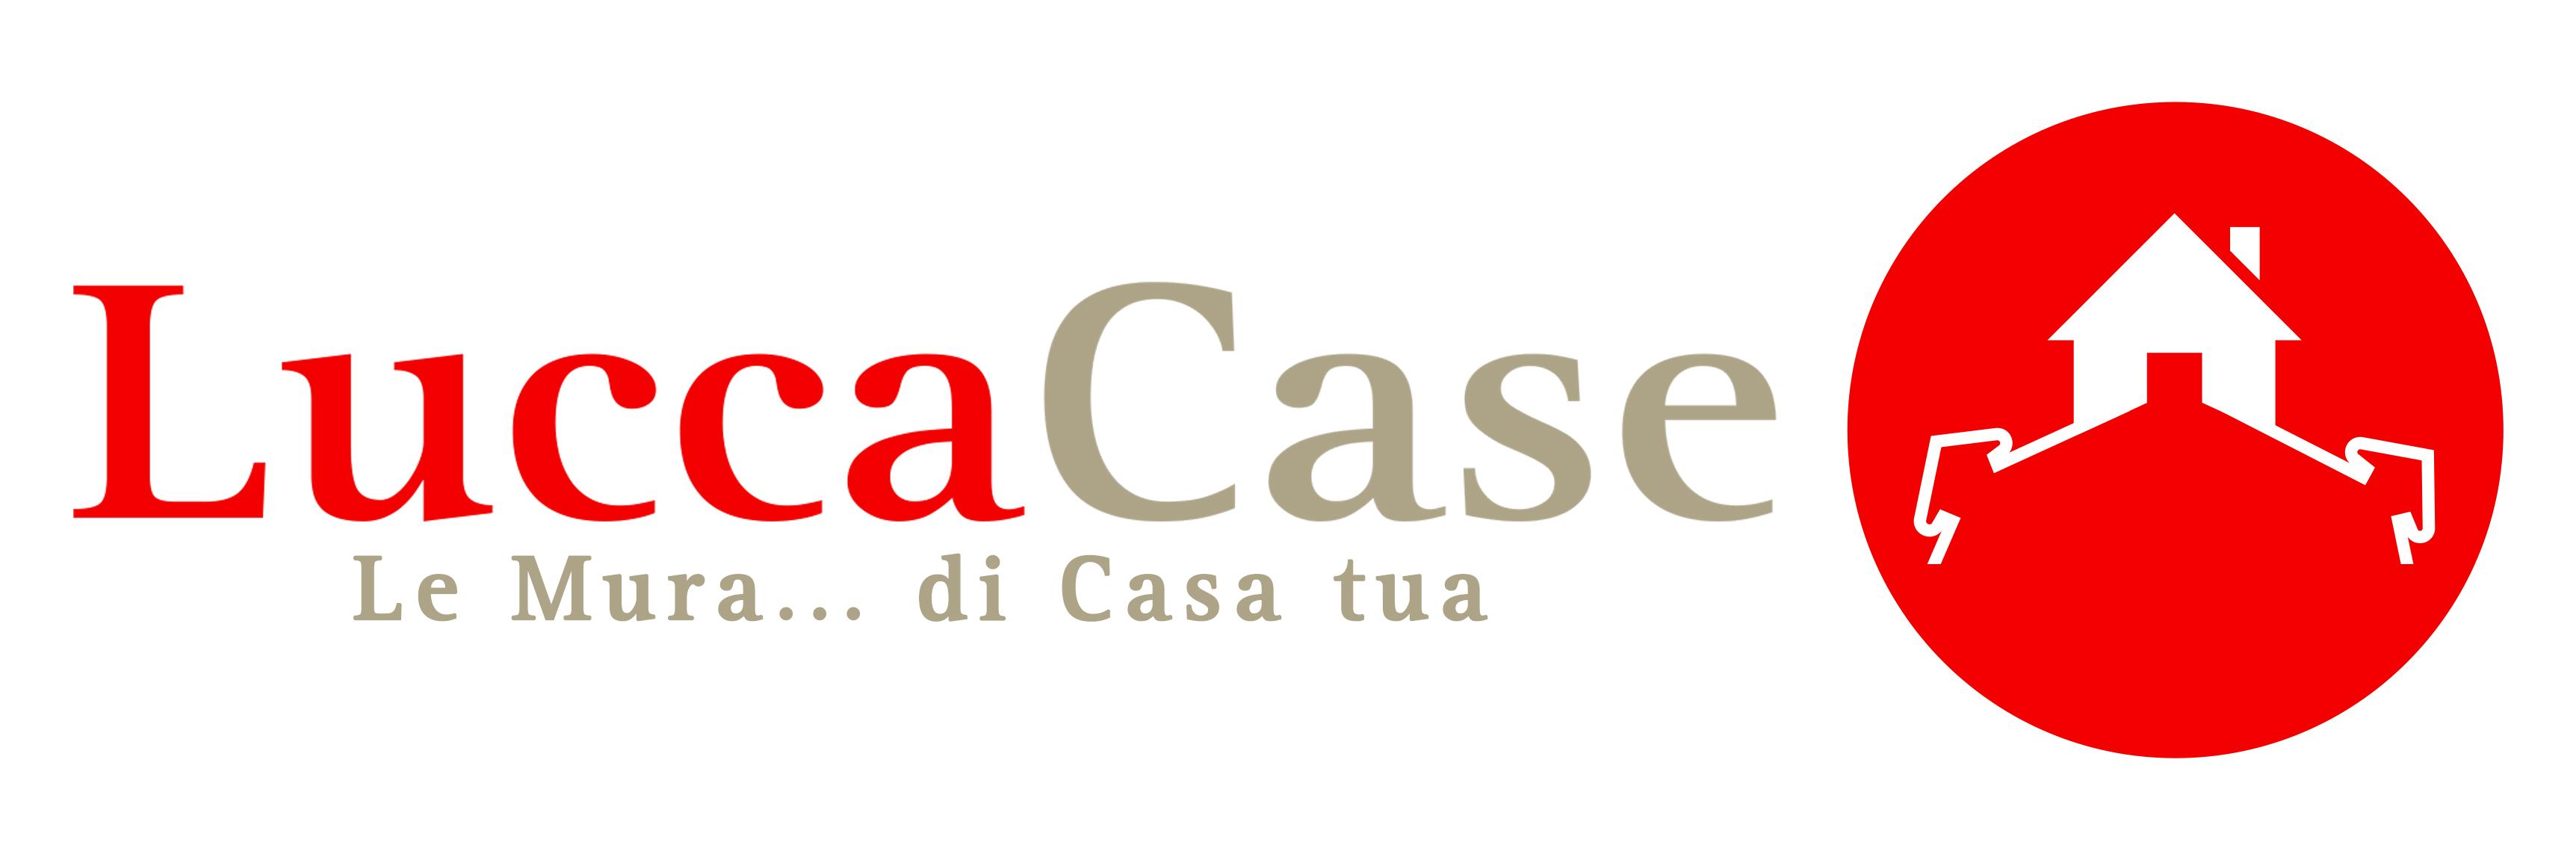 logo LuccaCase Agenzia Immobiliare